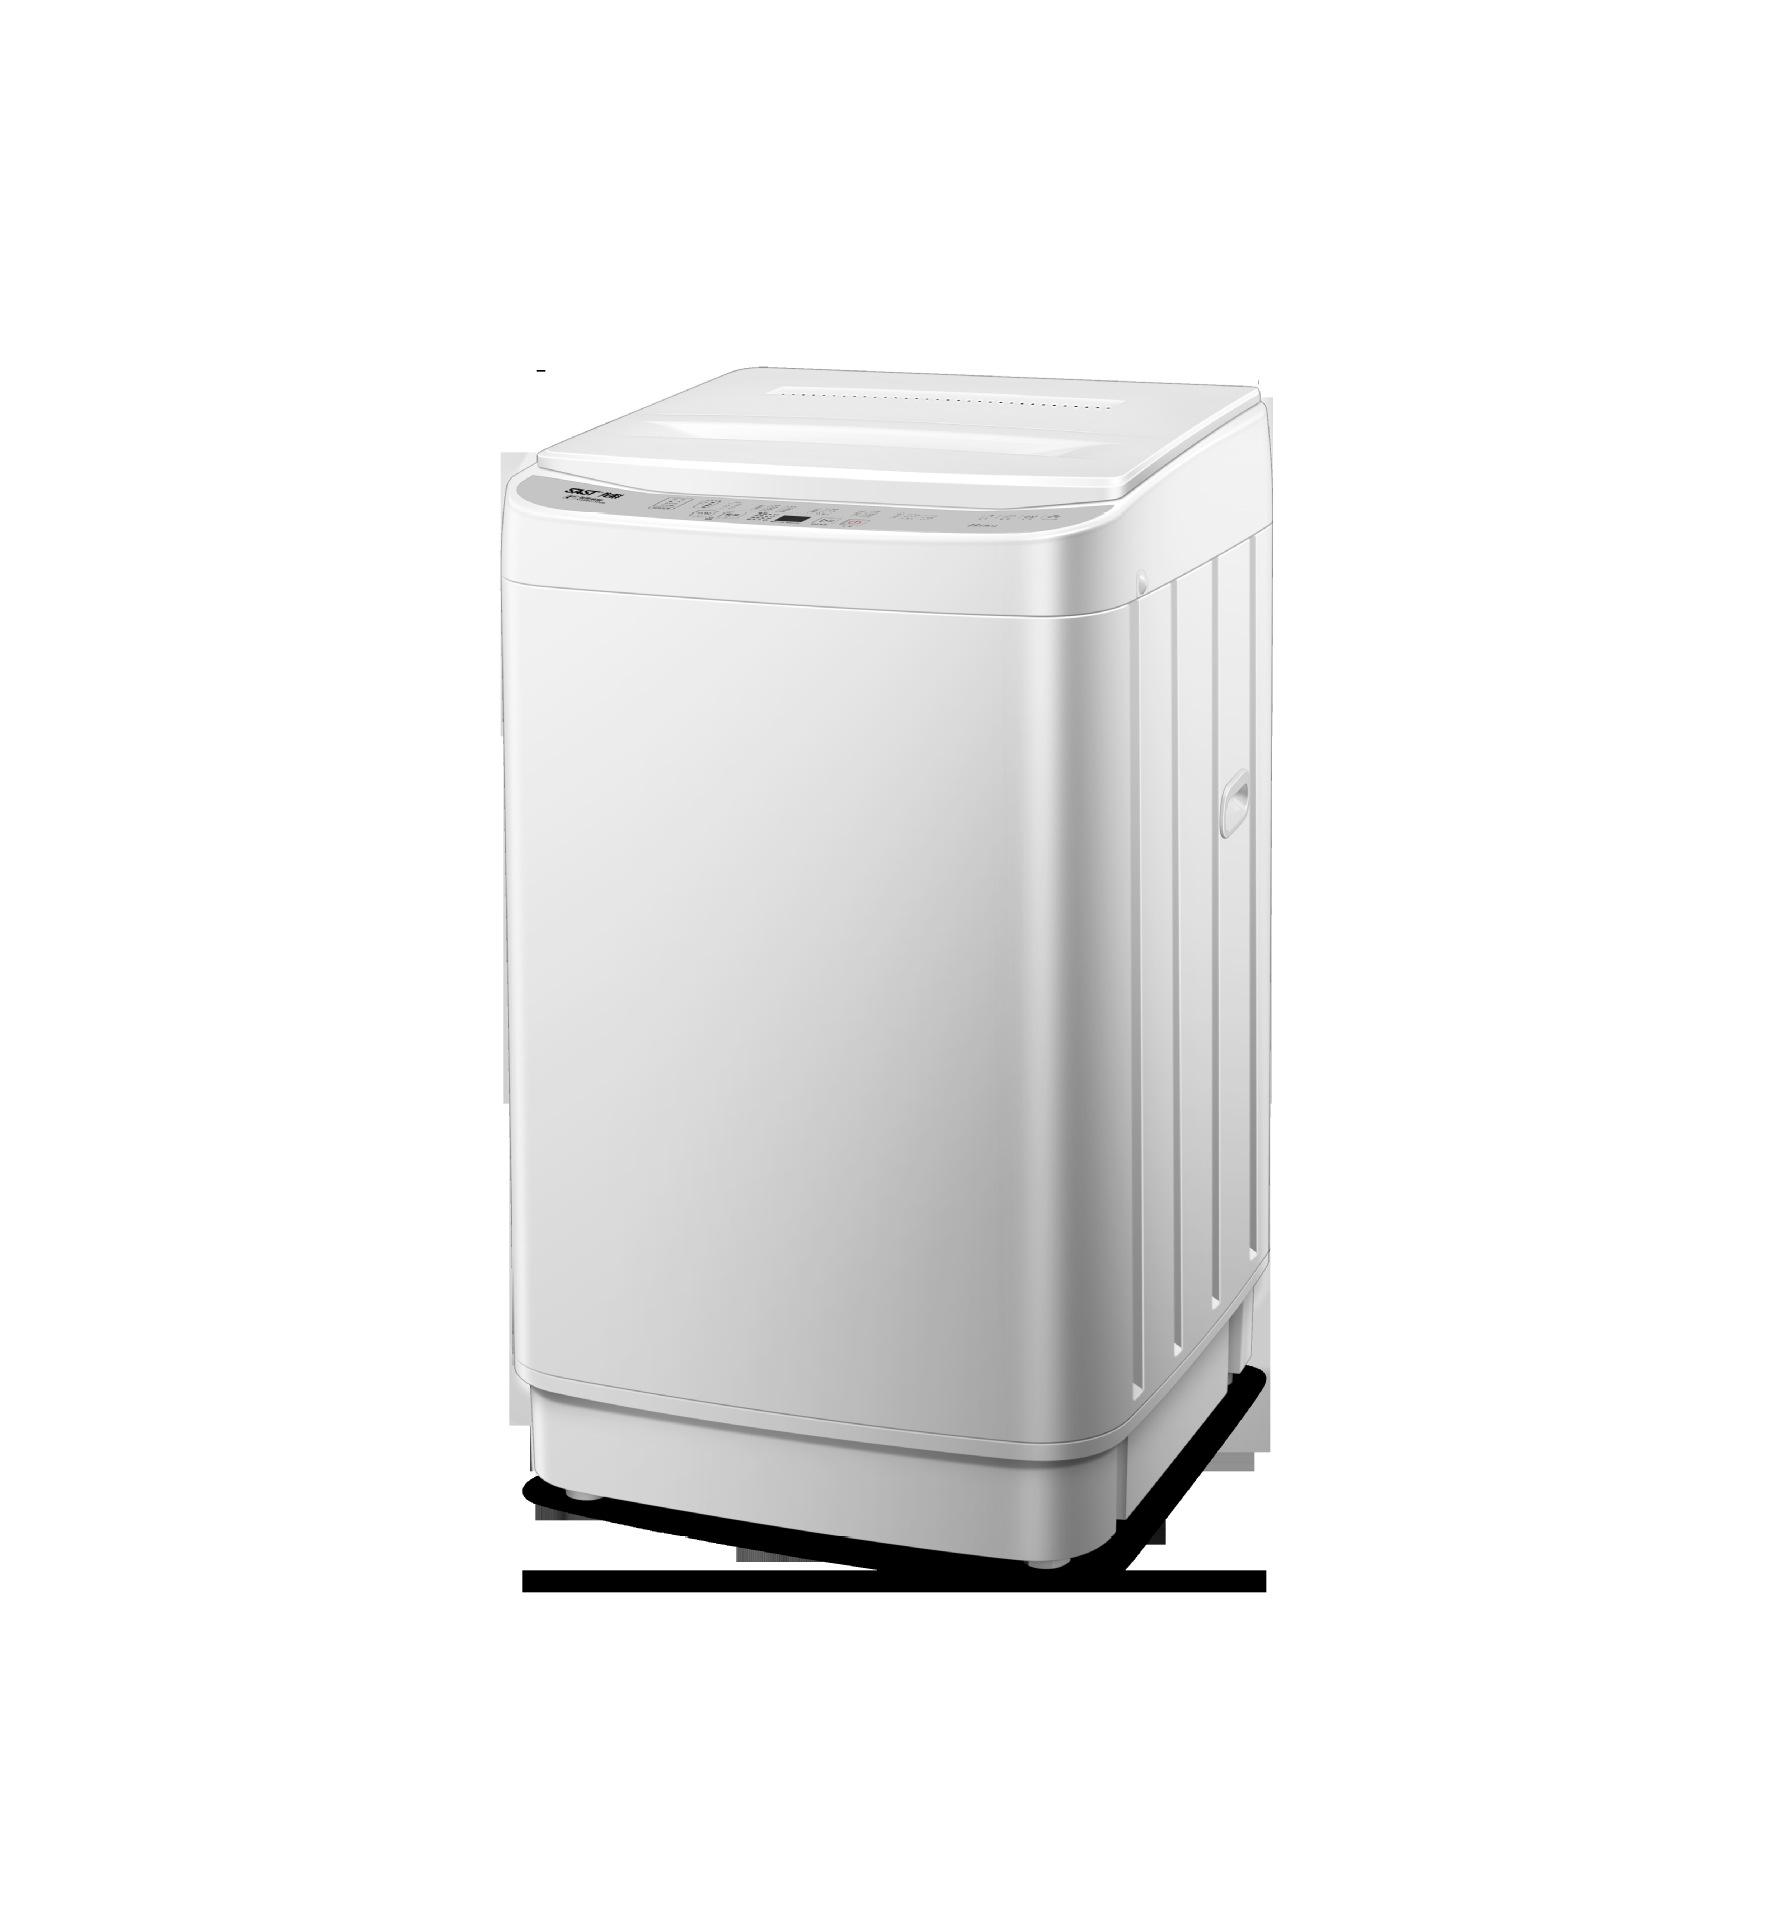 SAST Máy giặt tự động tích Hợp SAST XQB65-A66.5 kg